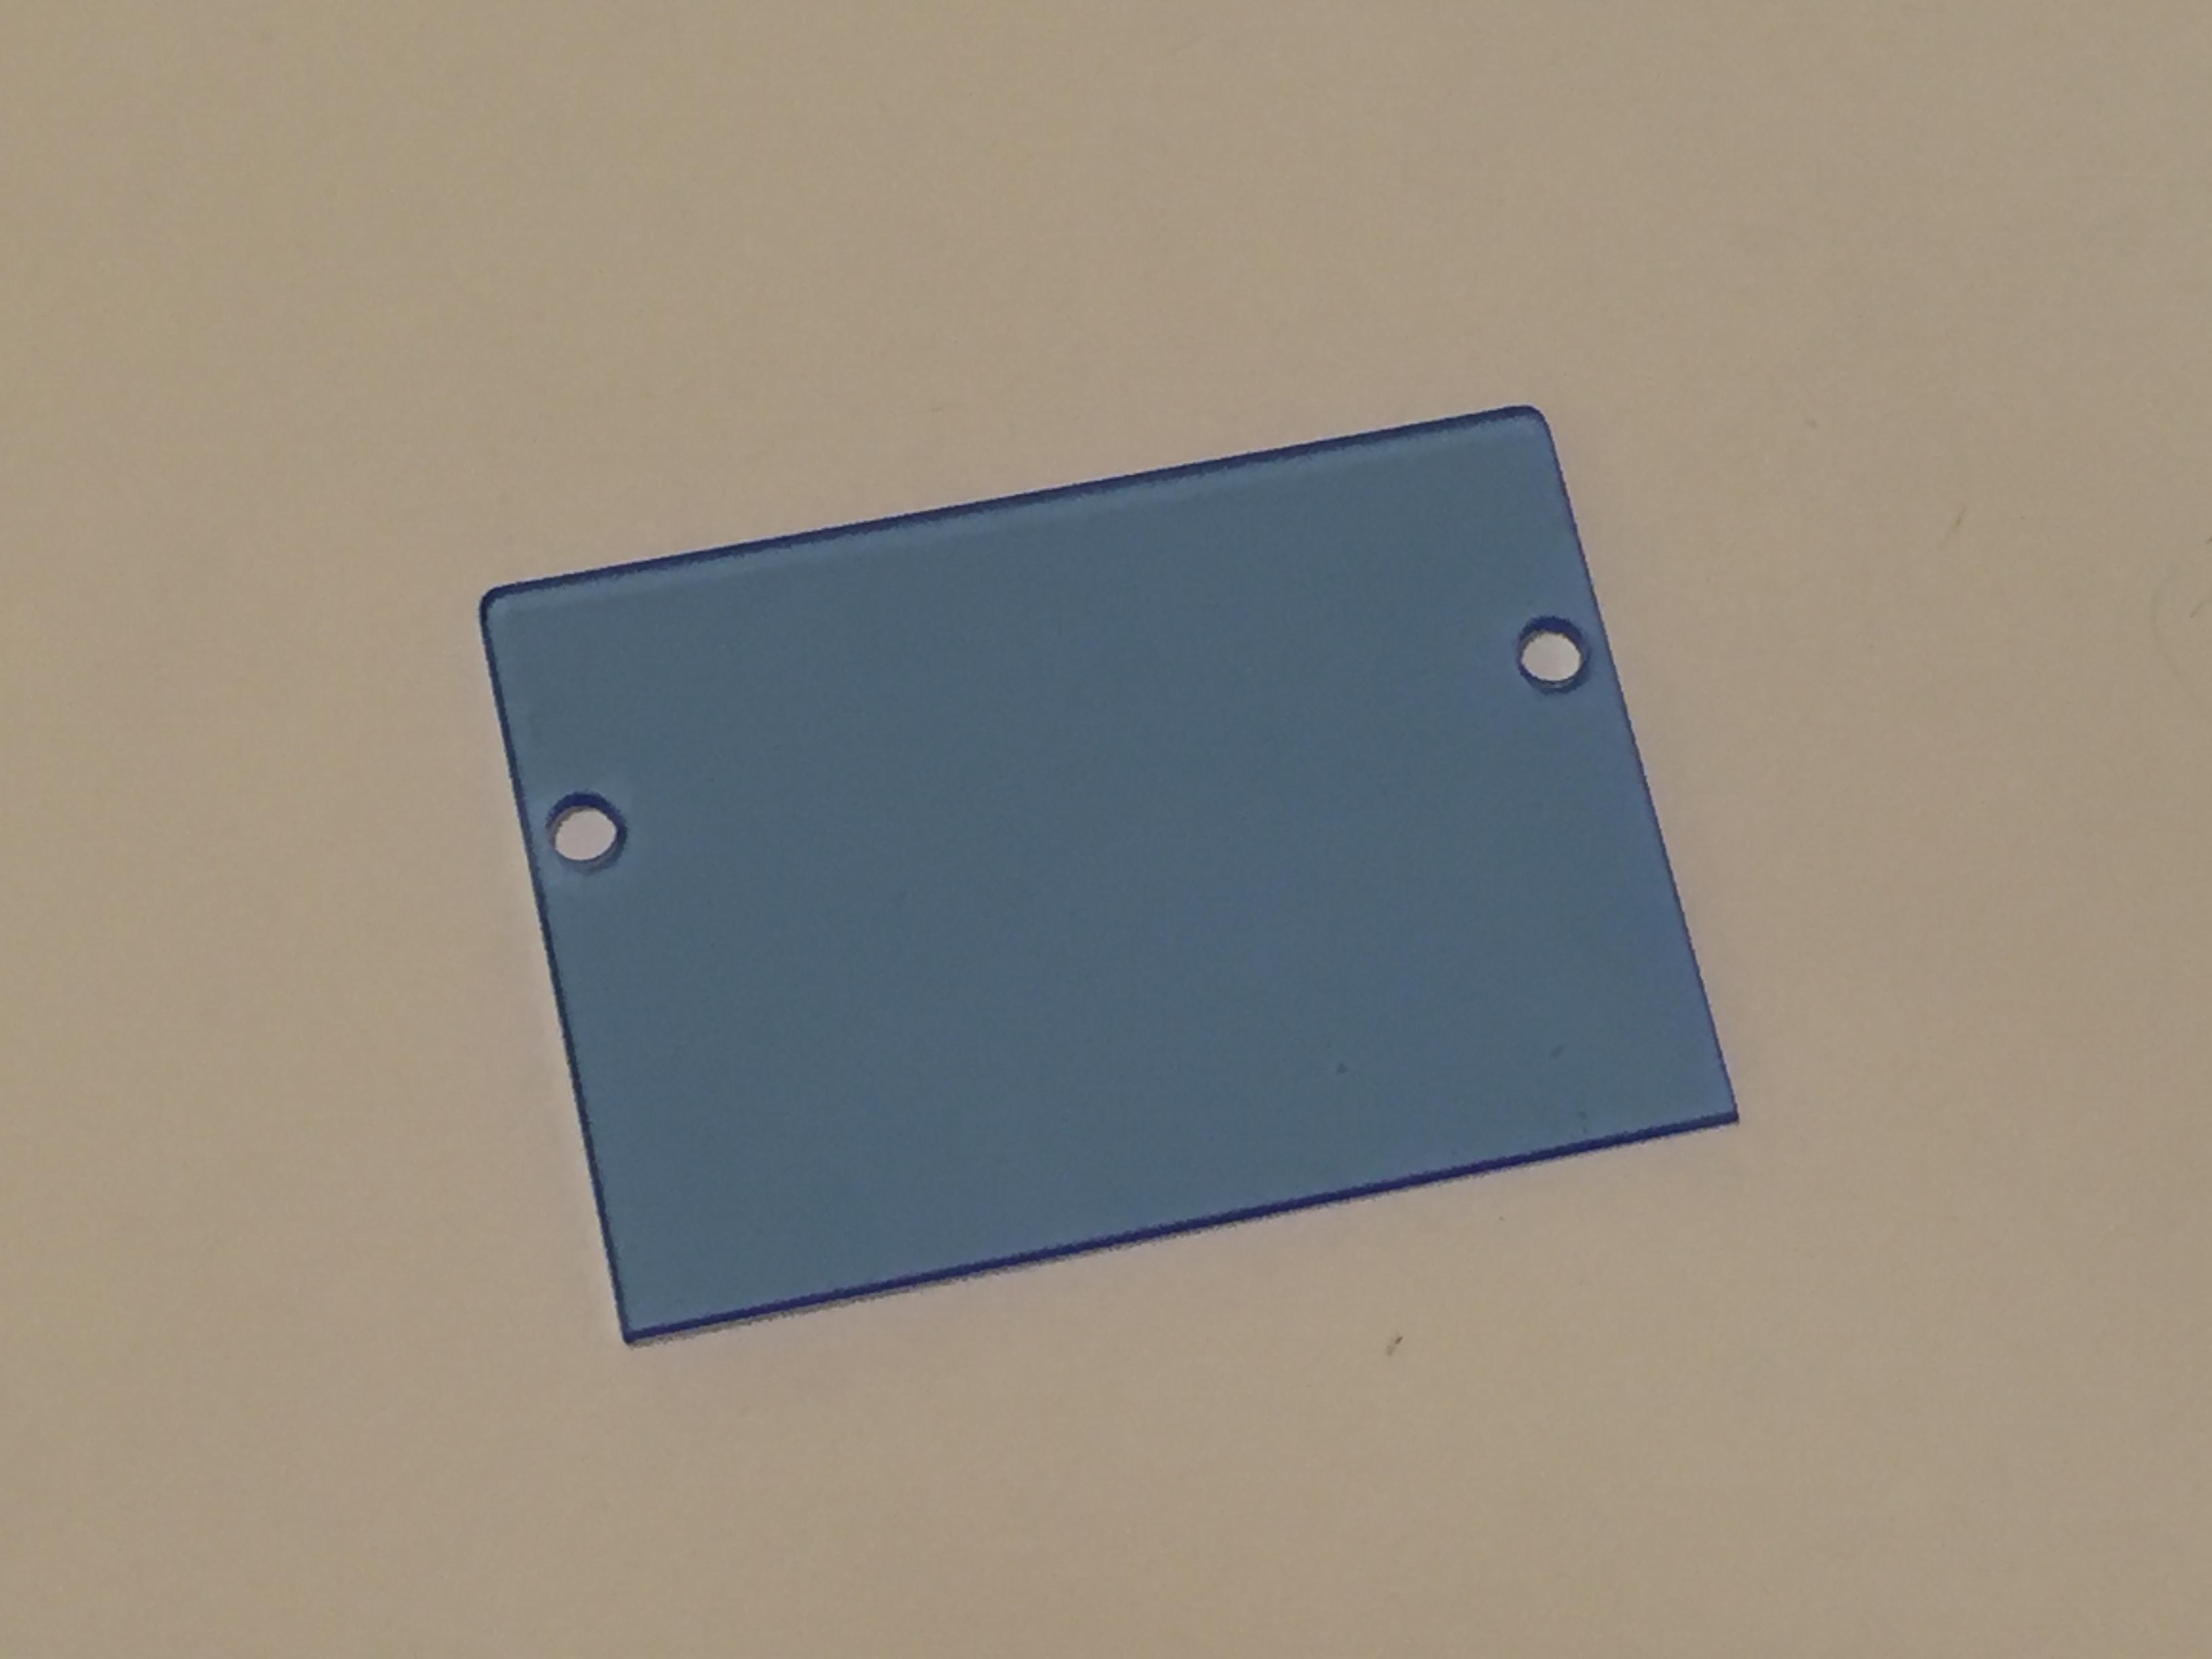 duinocase-rp-blank-acrylic-fblue